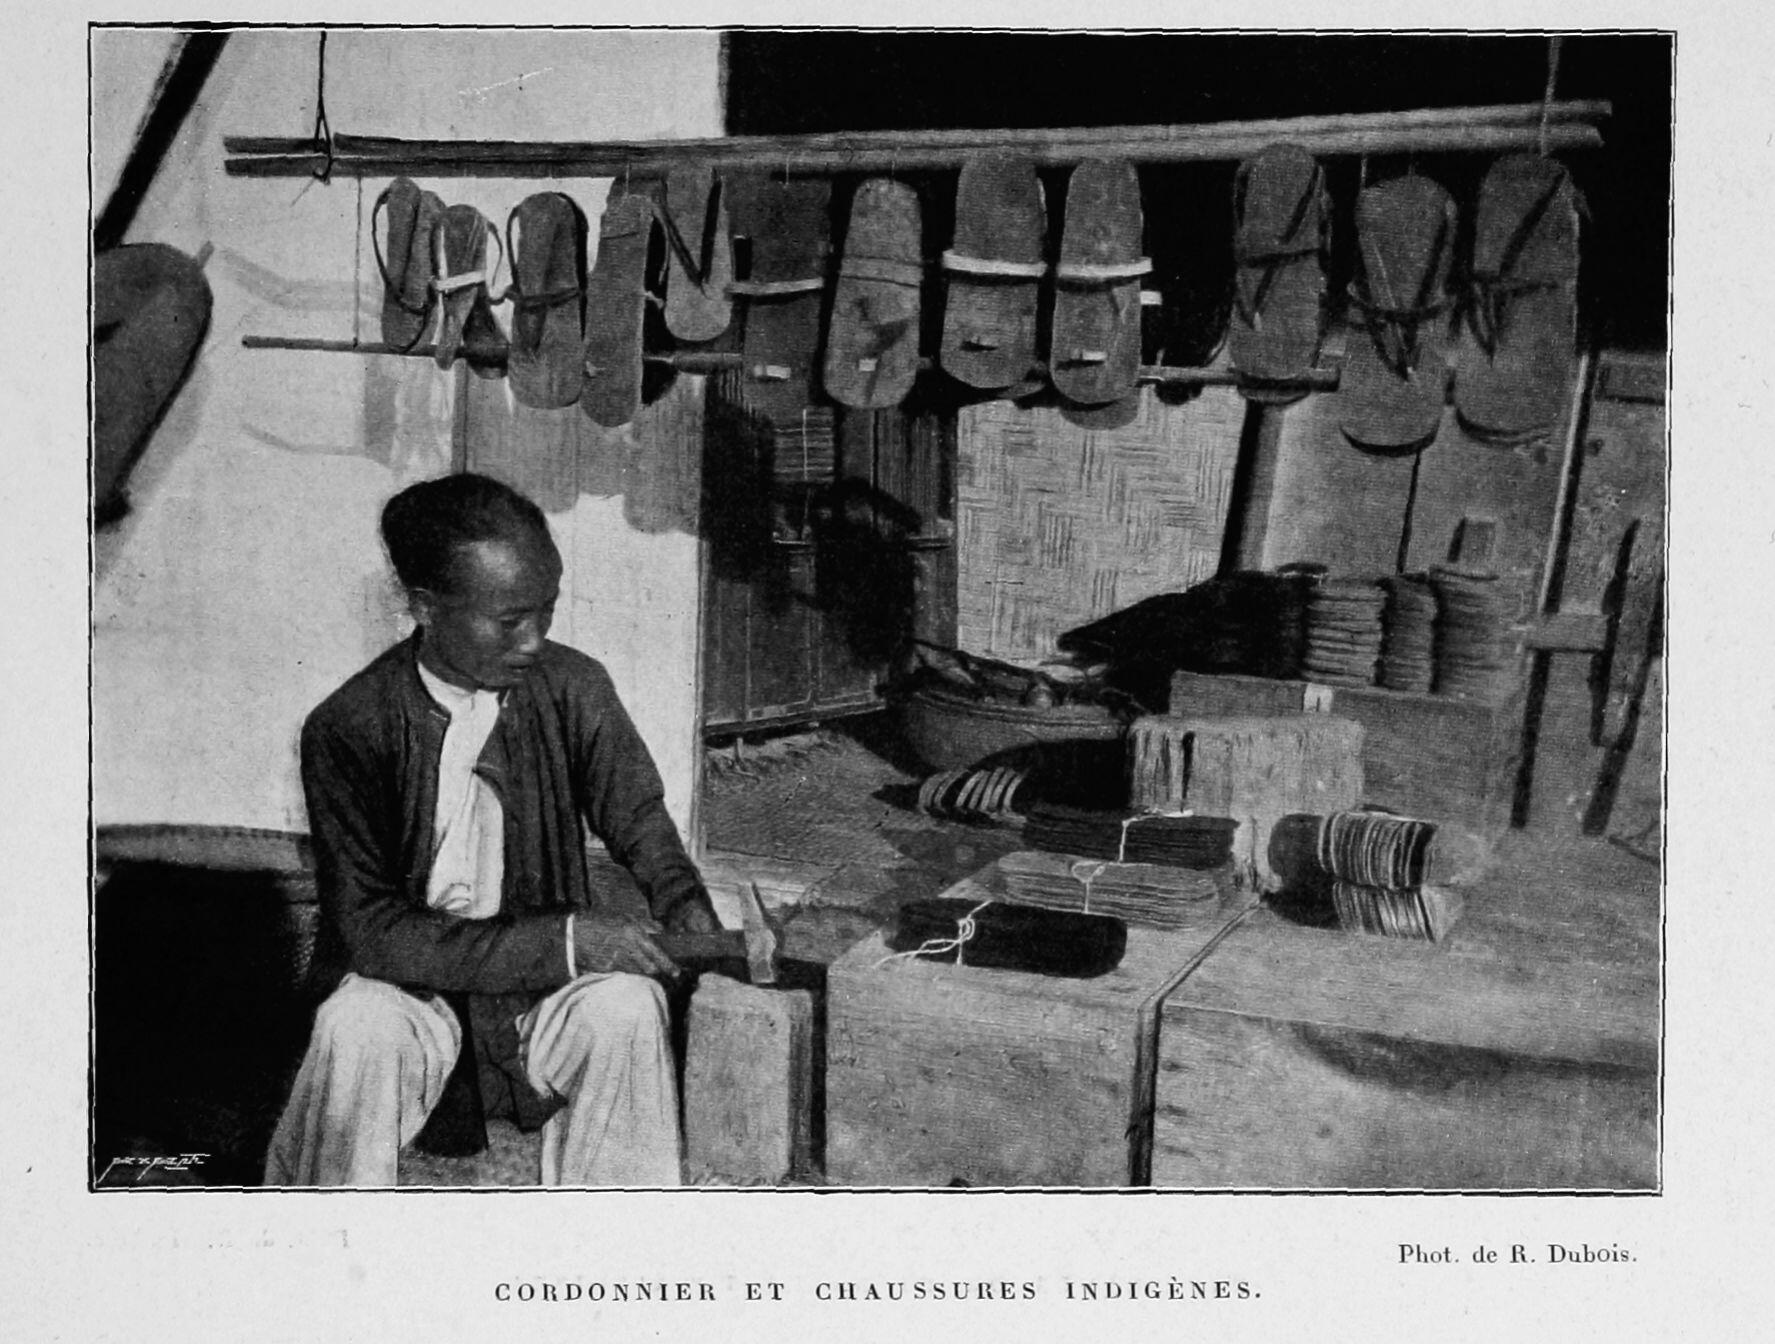 Thợ đóng giầy dép. Ảnh chụp từ cuốn Bắc Kỳ năm 1900 (Le Tonkin en 1900) của Robert Dubois nhân dịp Triển lãm Hoàn cầu Paris 1900.